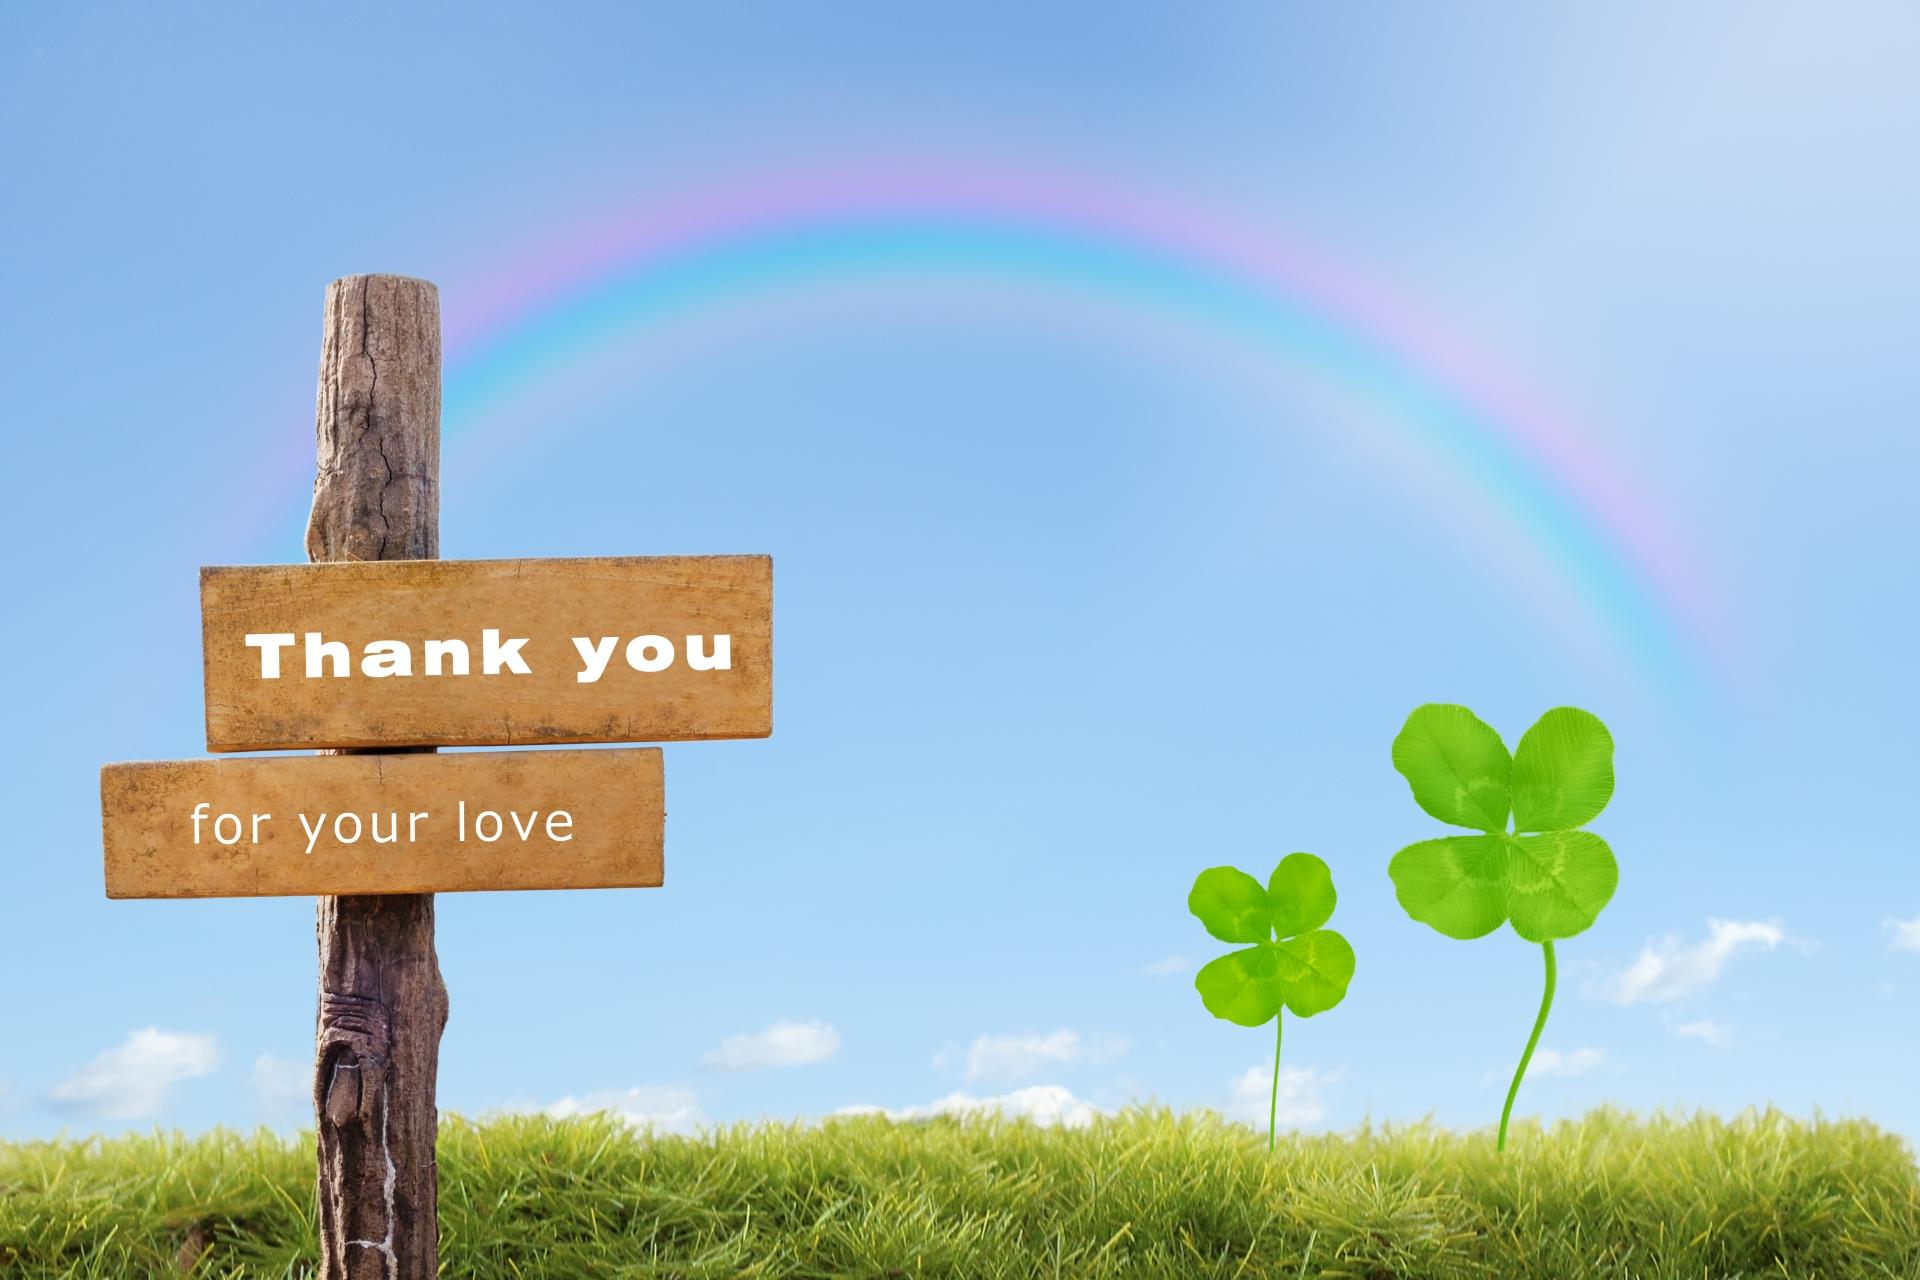 夫婦関係の見本・・・感謝の言葉と共に・・・